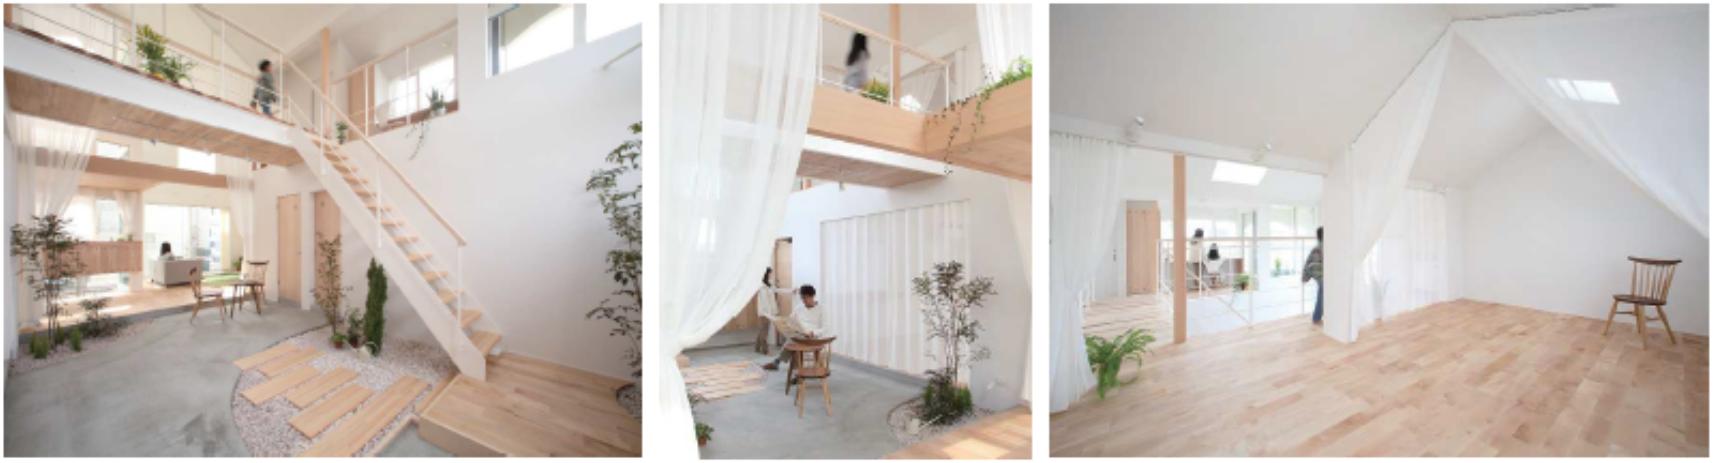 小舟木の家 土間スペースを中心とした間取り 居室は透け感のあるカーテンで緩やかに区切る